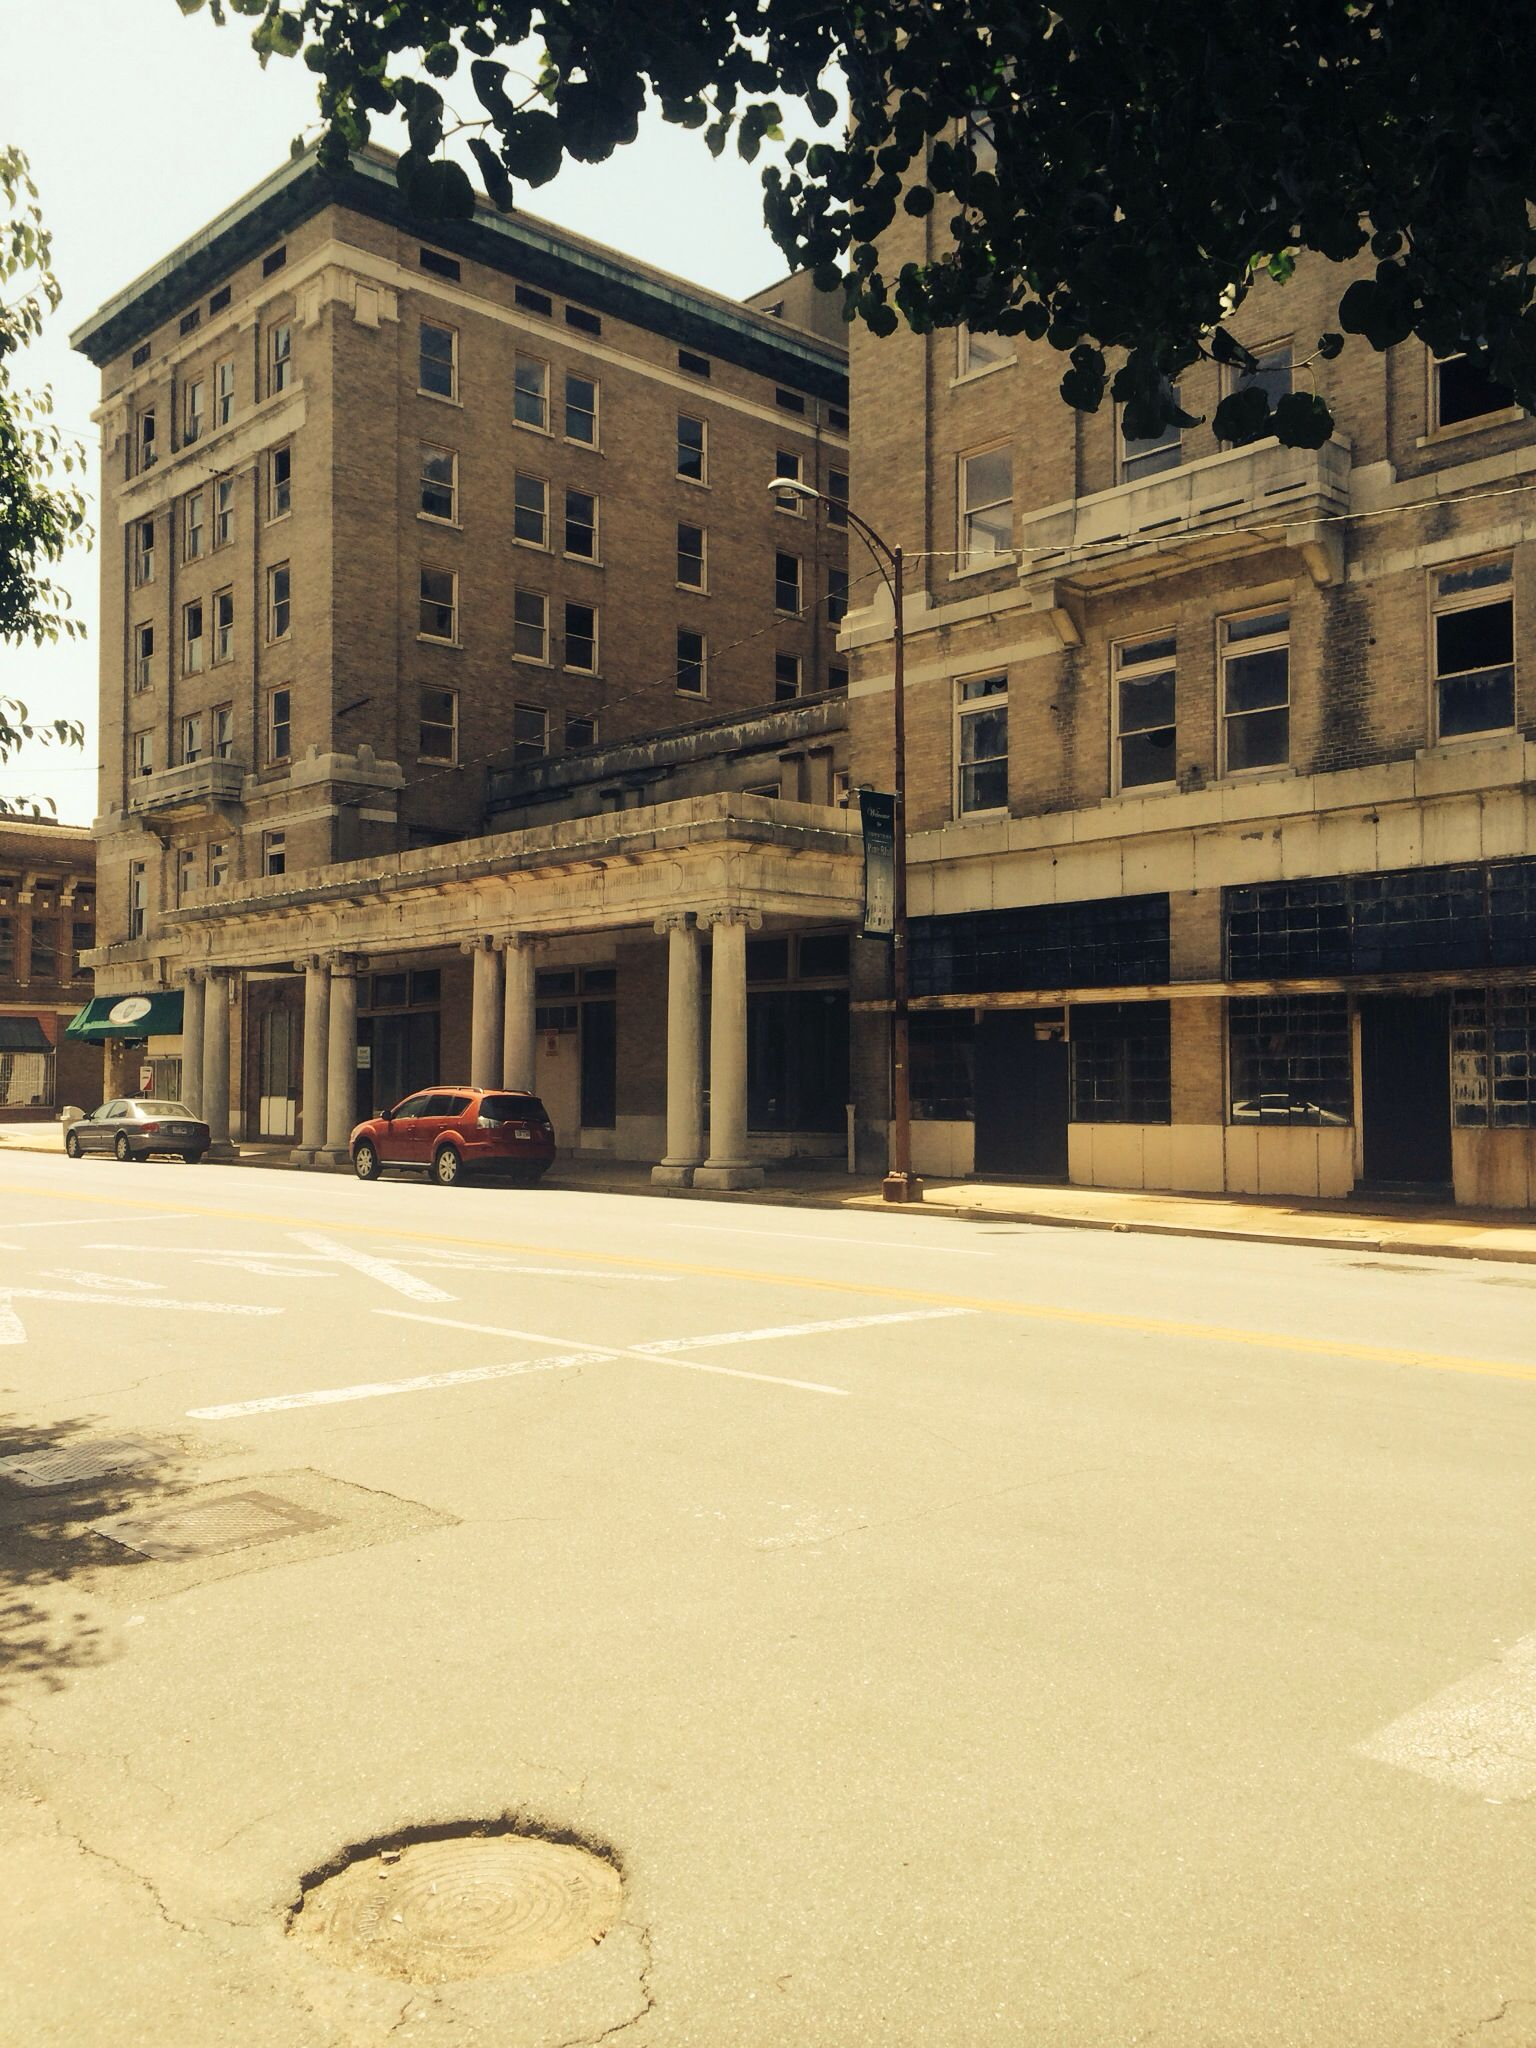 Pine Bluff Arkansas Hotels